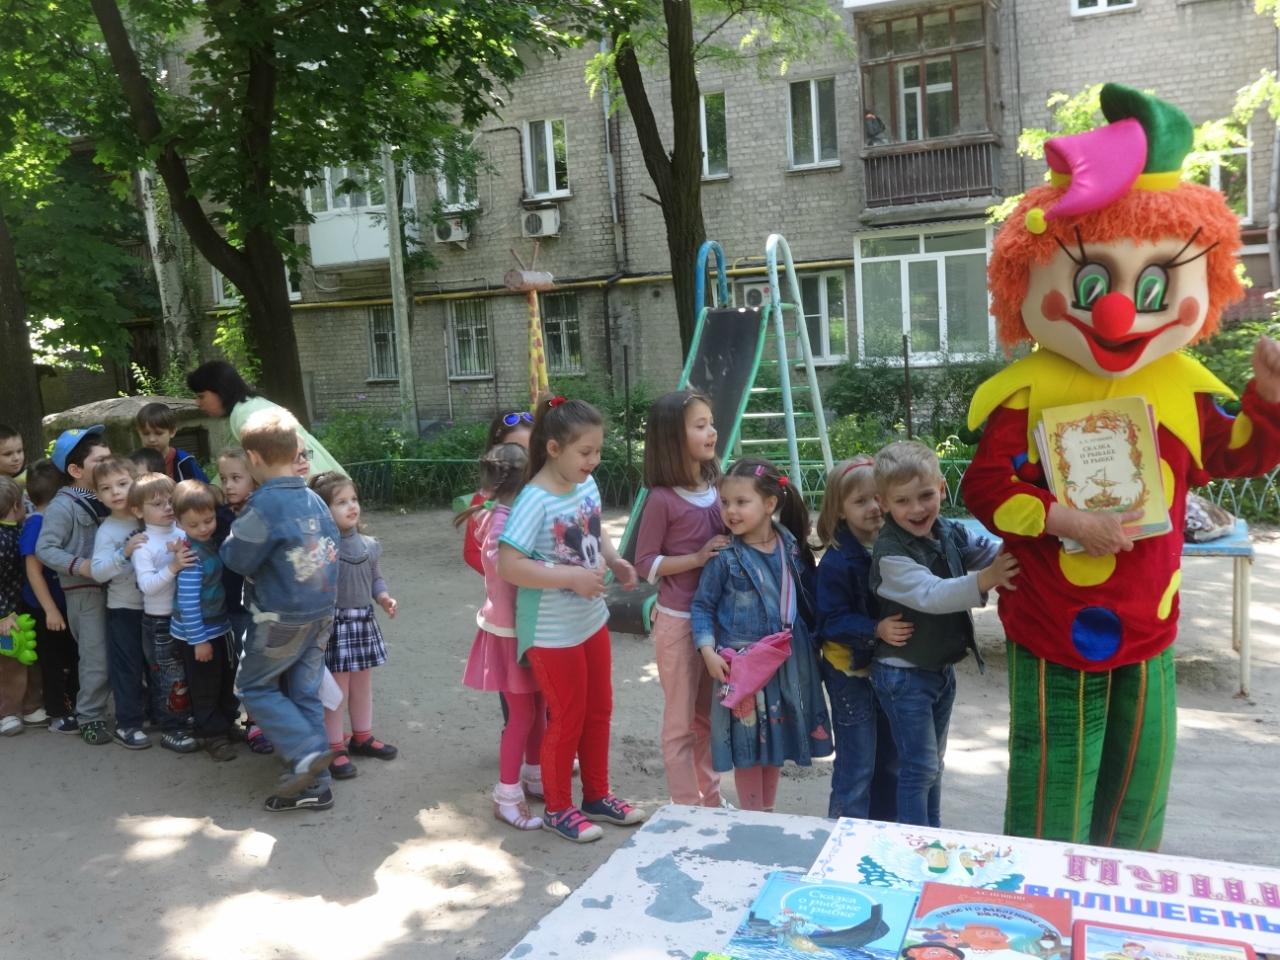 книги не ленись читать,неделя русского языка,библиотеки - сокровища знаний,чтение в парке,донецкая республиканская библиотека для детей